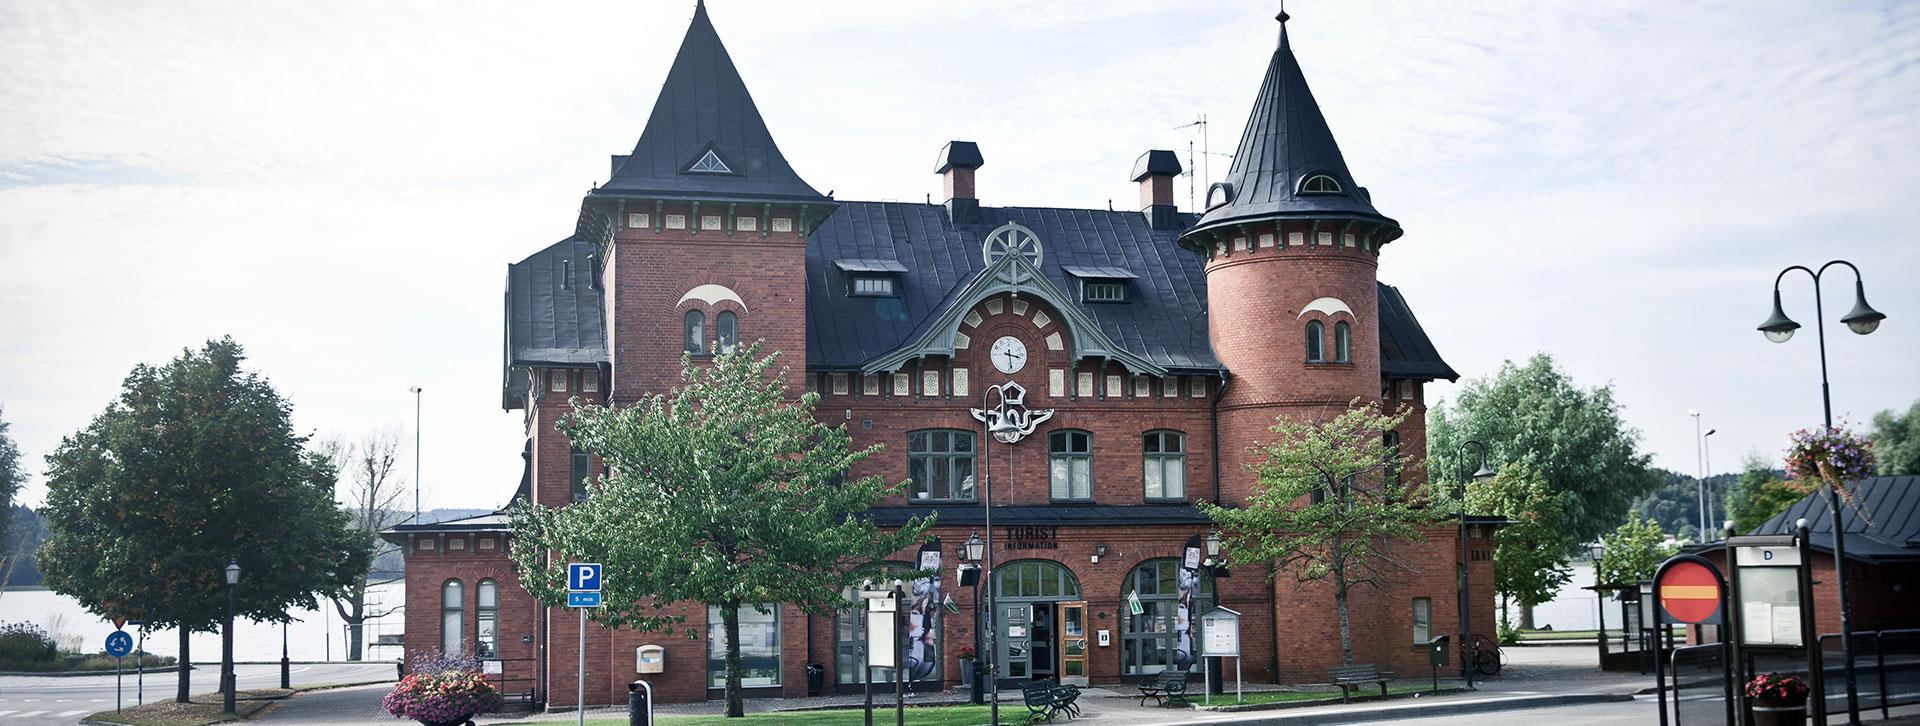 Kontaktuppgifter till Näringsliv Ulricehamn - Gamla stationshuset